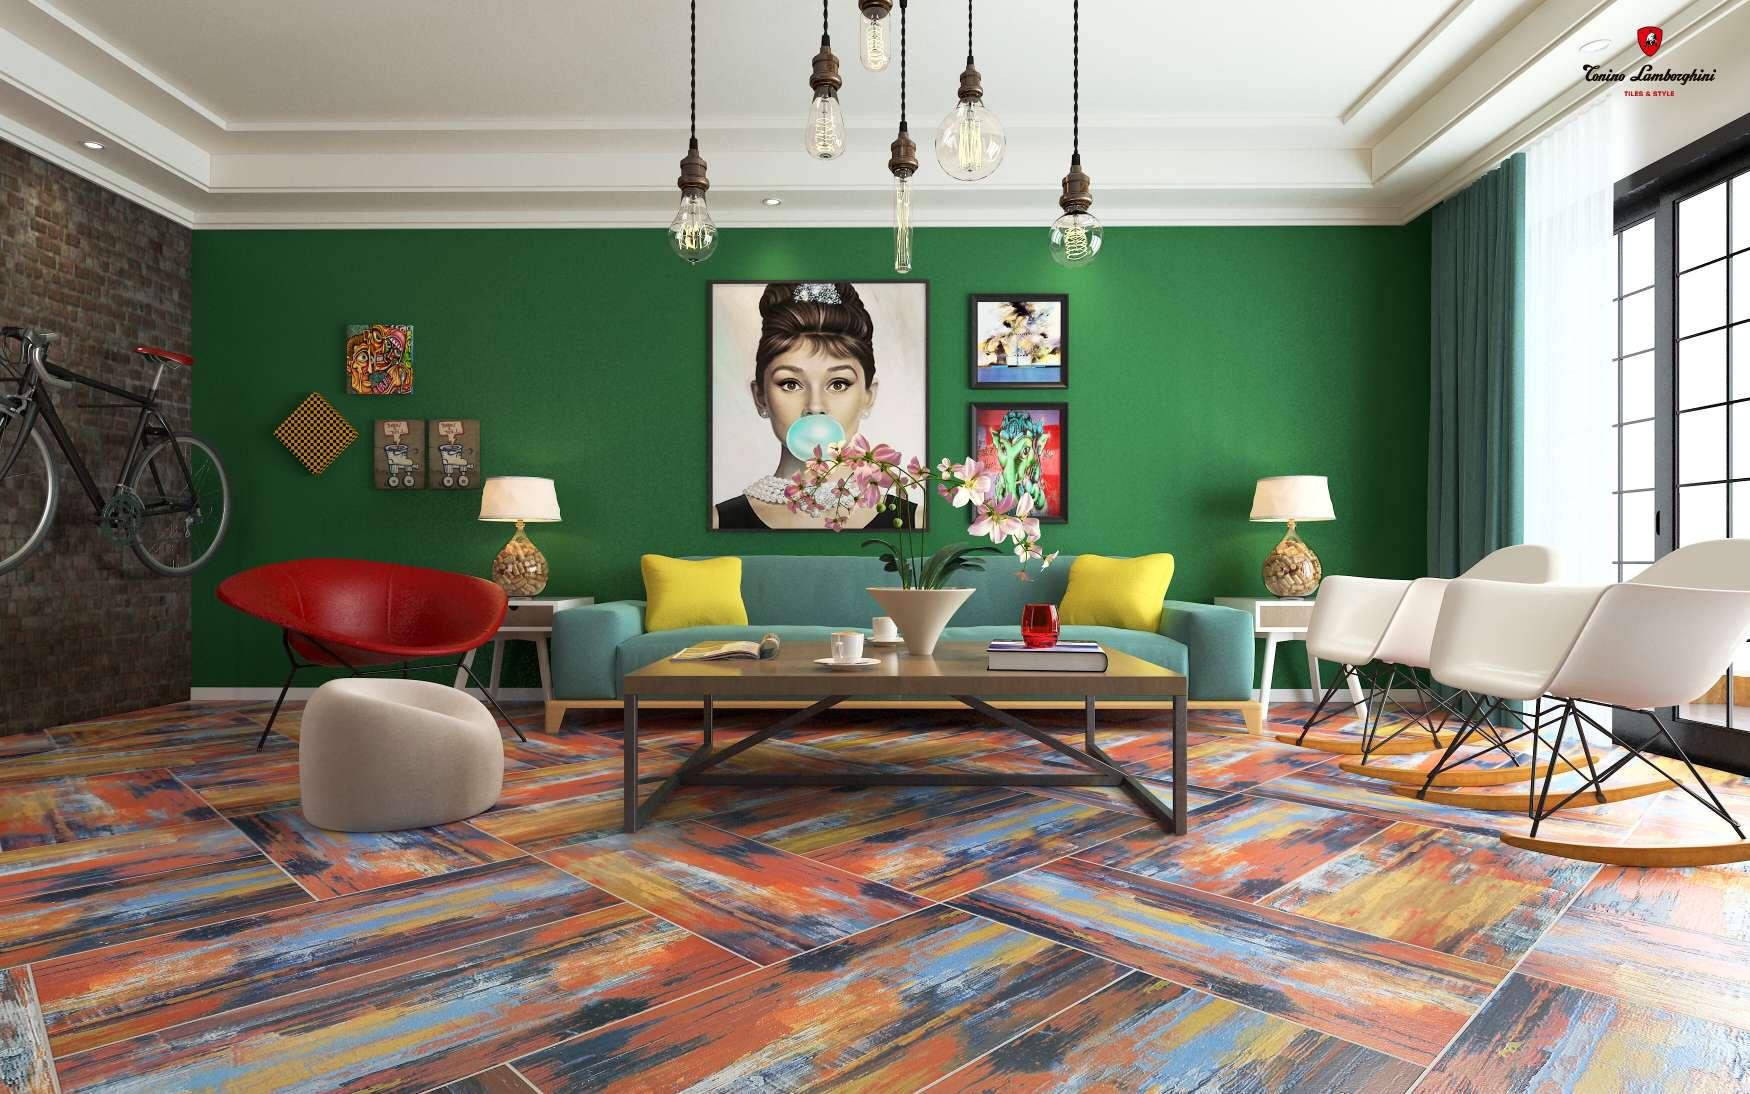 意大利原装进口兰博基尼滨海湾系列颜色可选价格为3025元/片